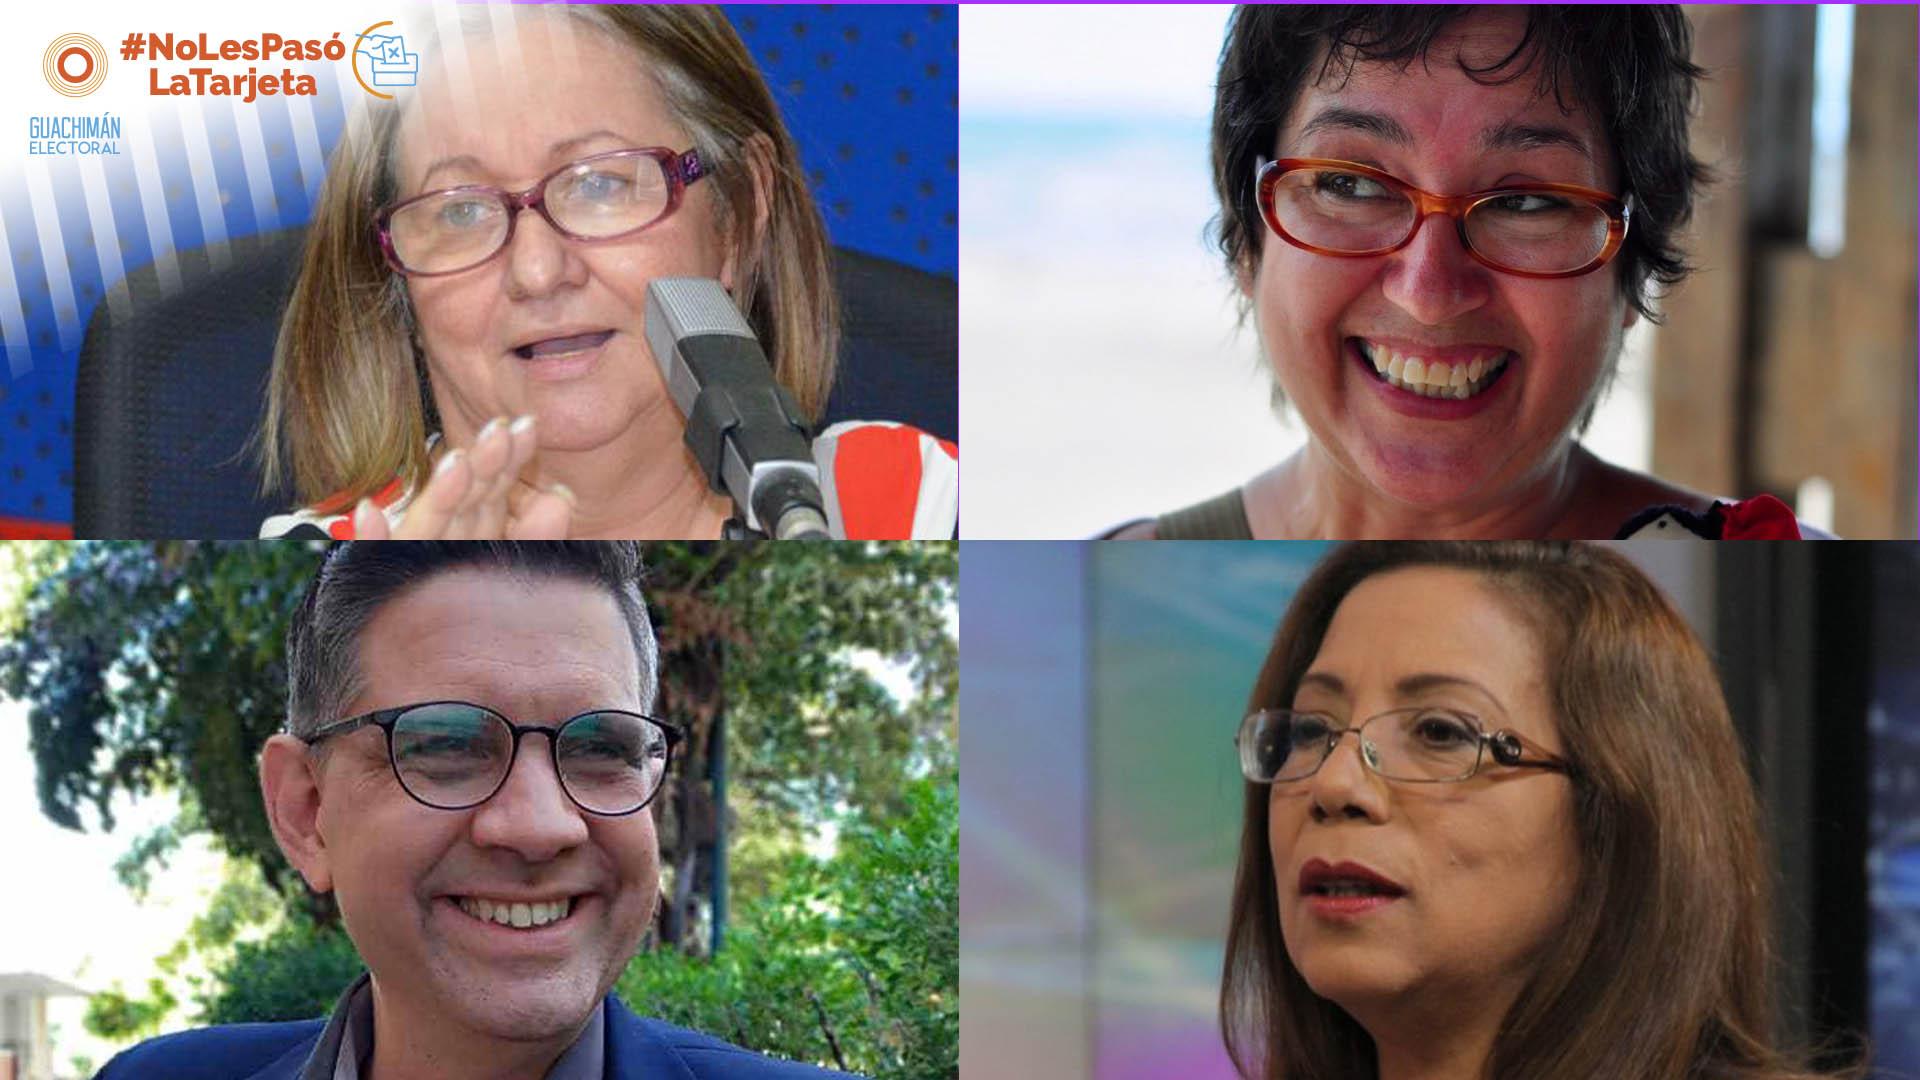 NoLesPasóLaTarjeta | El periodismo y la aspiración política se fueron a la Asamblea Nacional un día